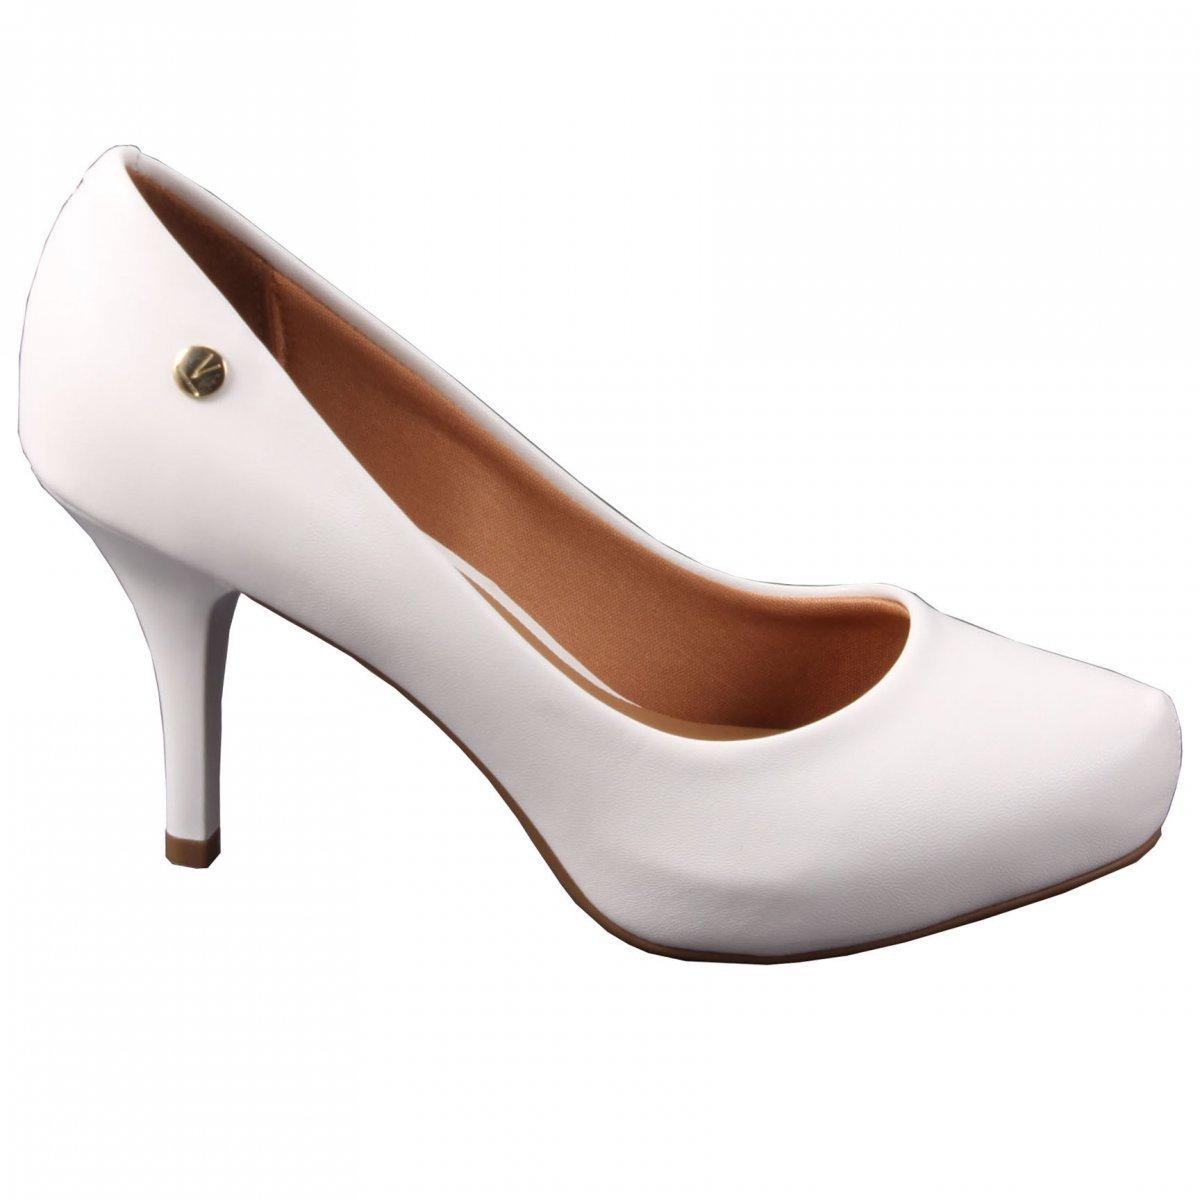 d50c42589 Sapato Feminino Scarpin Pelica Branco Salto Vizzano 1781421 1781421 ...